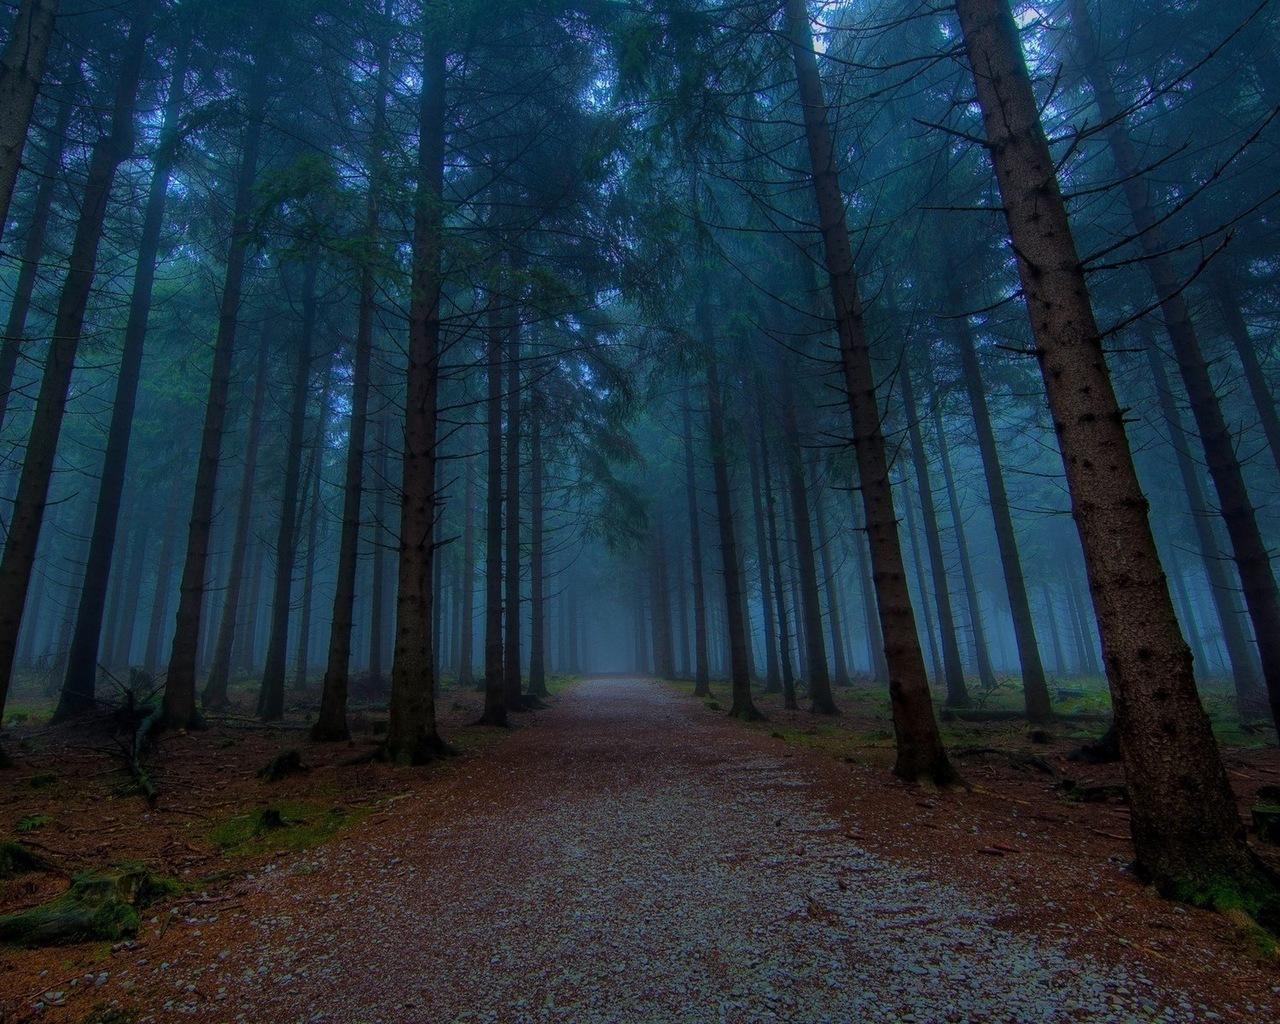 17468 скачать обои Пейзаж, Деревья, Дороги - заставки и картинки бесплатно